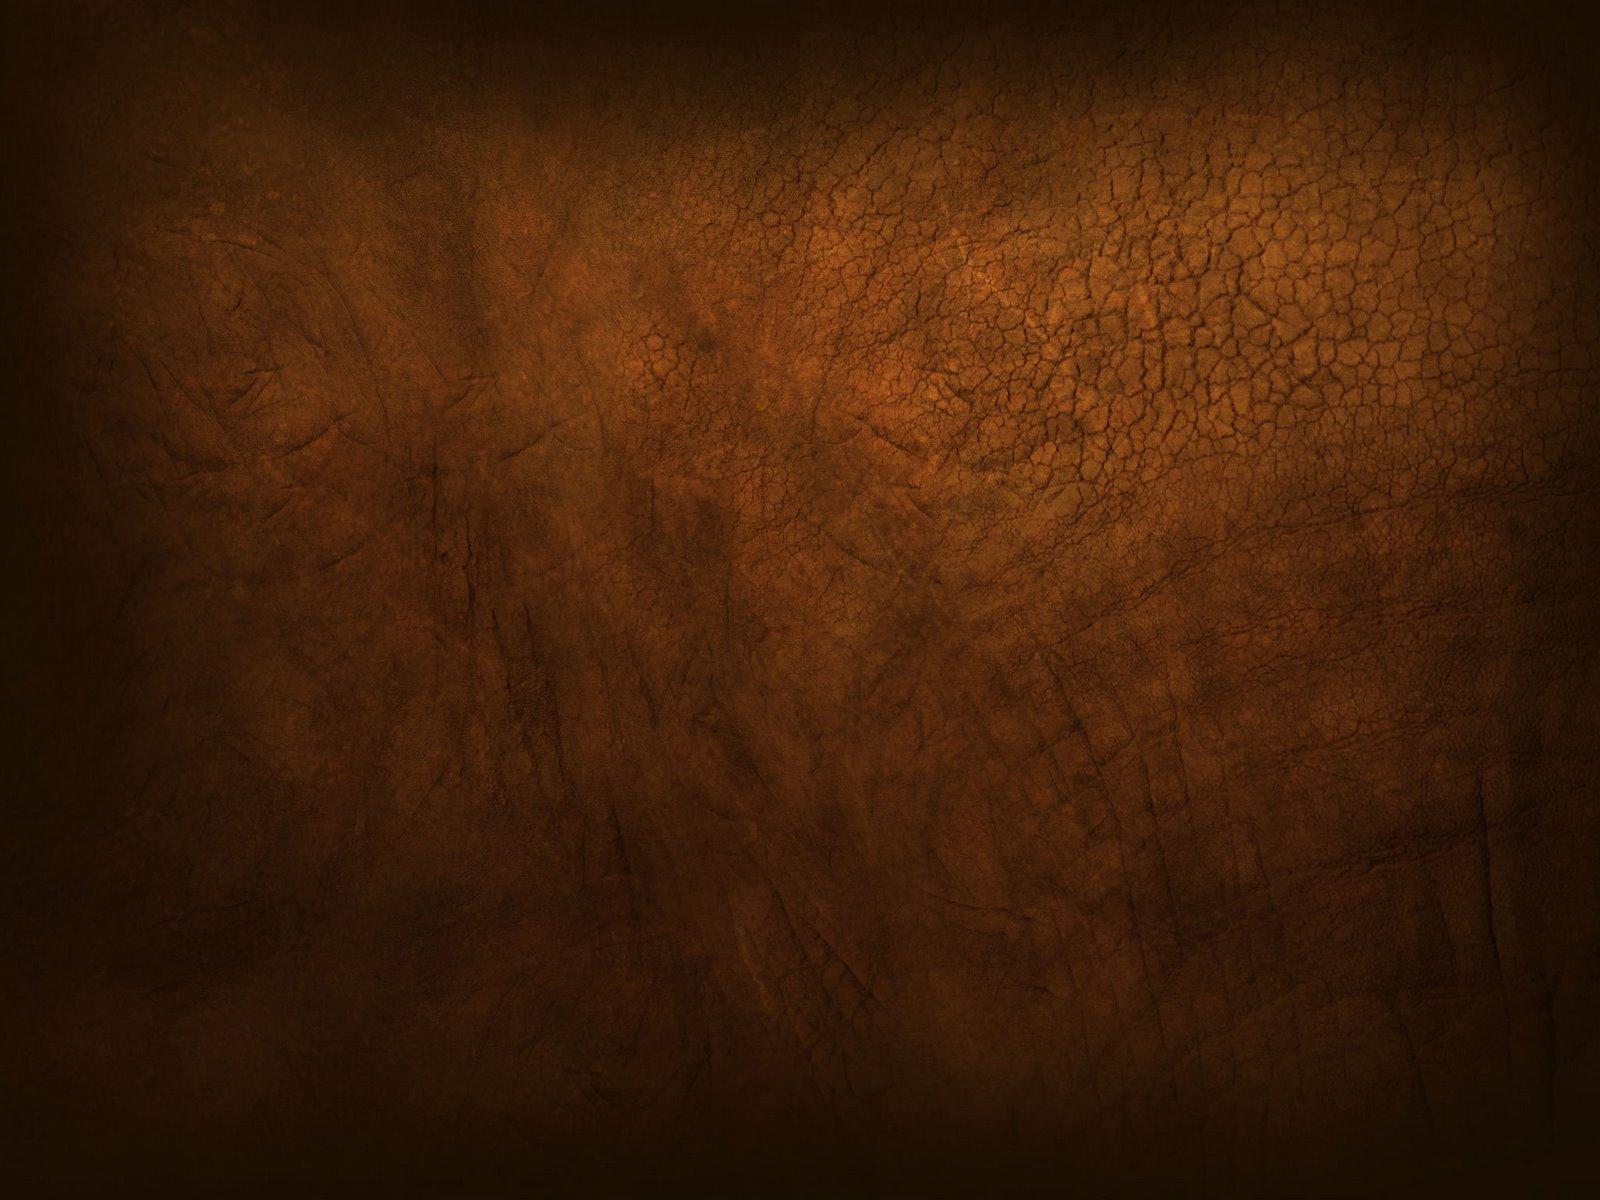 brown wallpaper - Love Yoga Studios